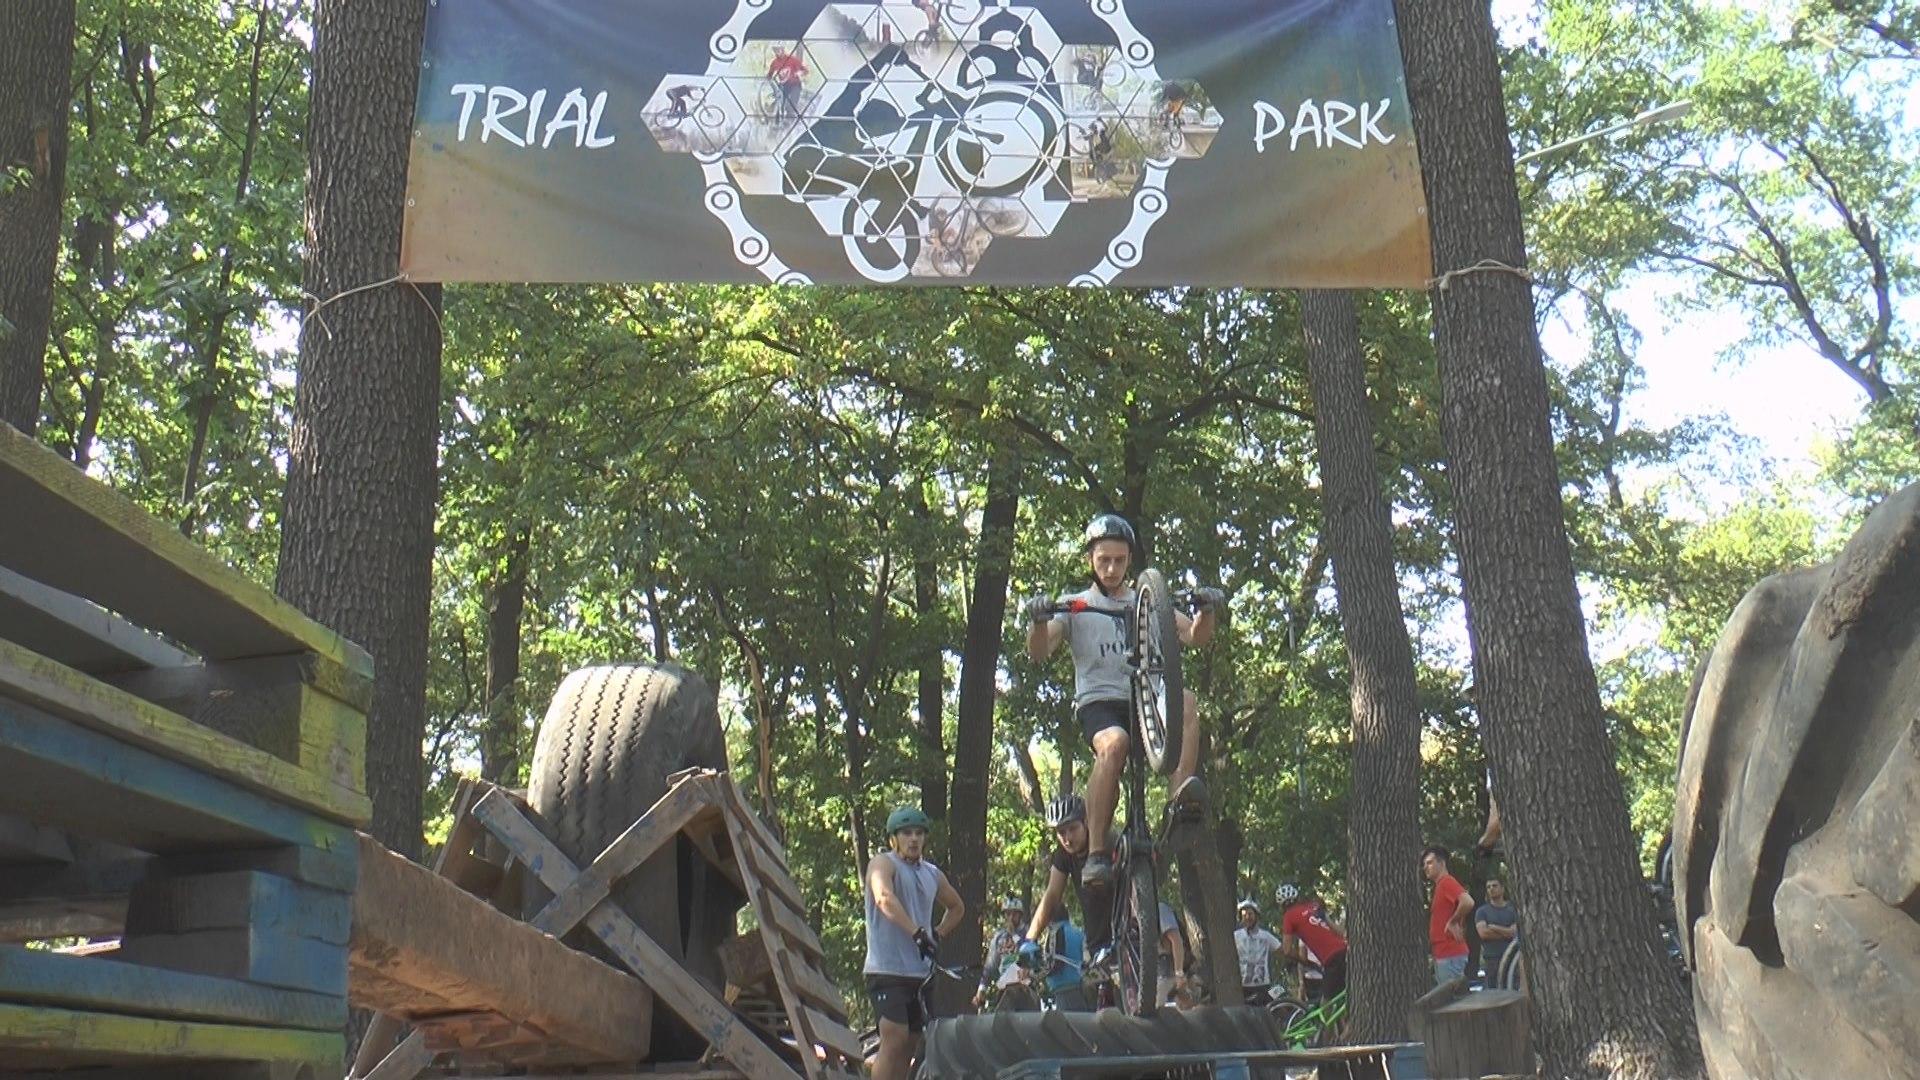 В Харькове впервые прошел турнир по велосипедному триалу